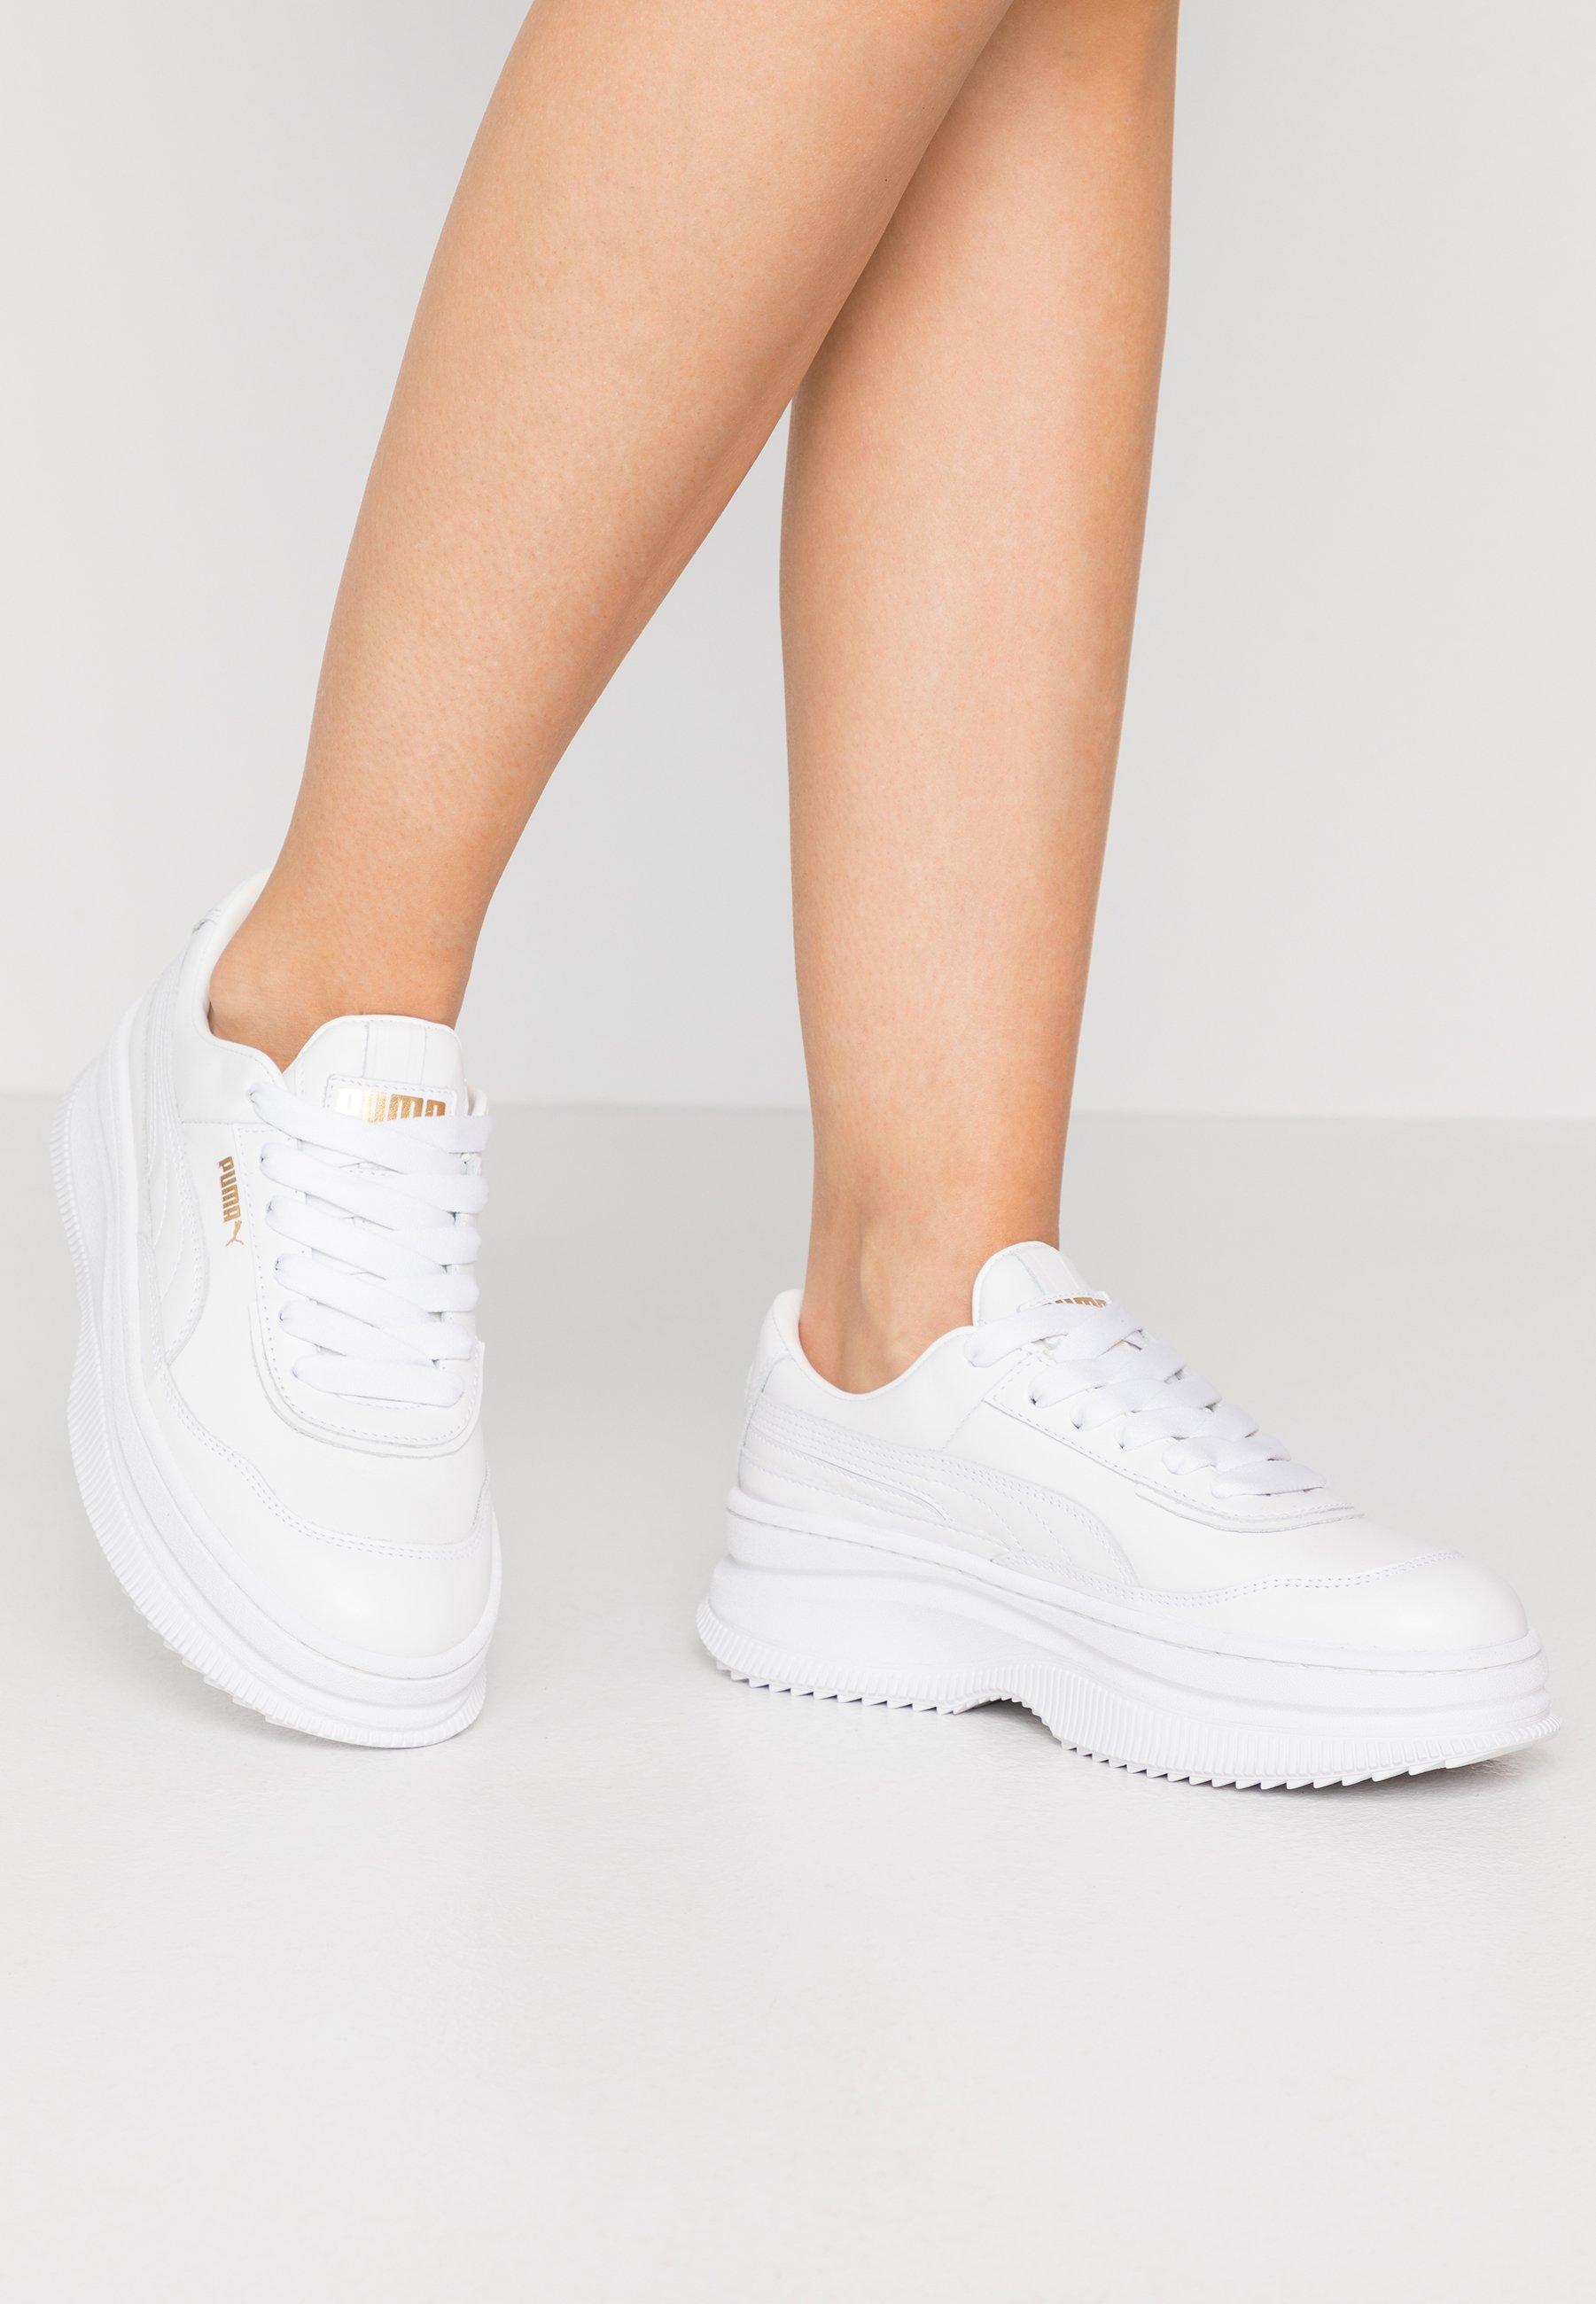 Dames sneakers sale Maat 41 | Grote merken, lage prijzen